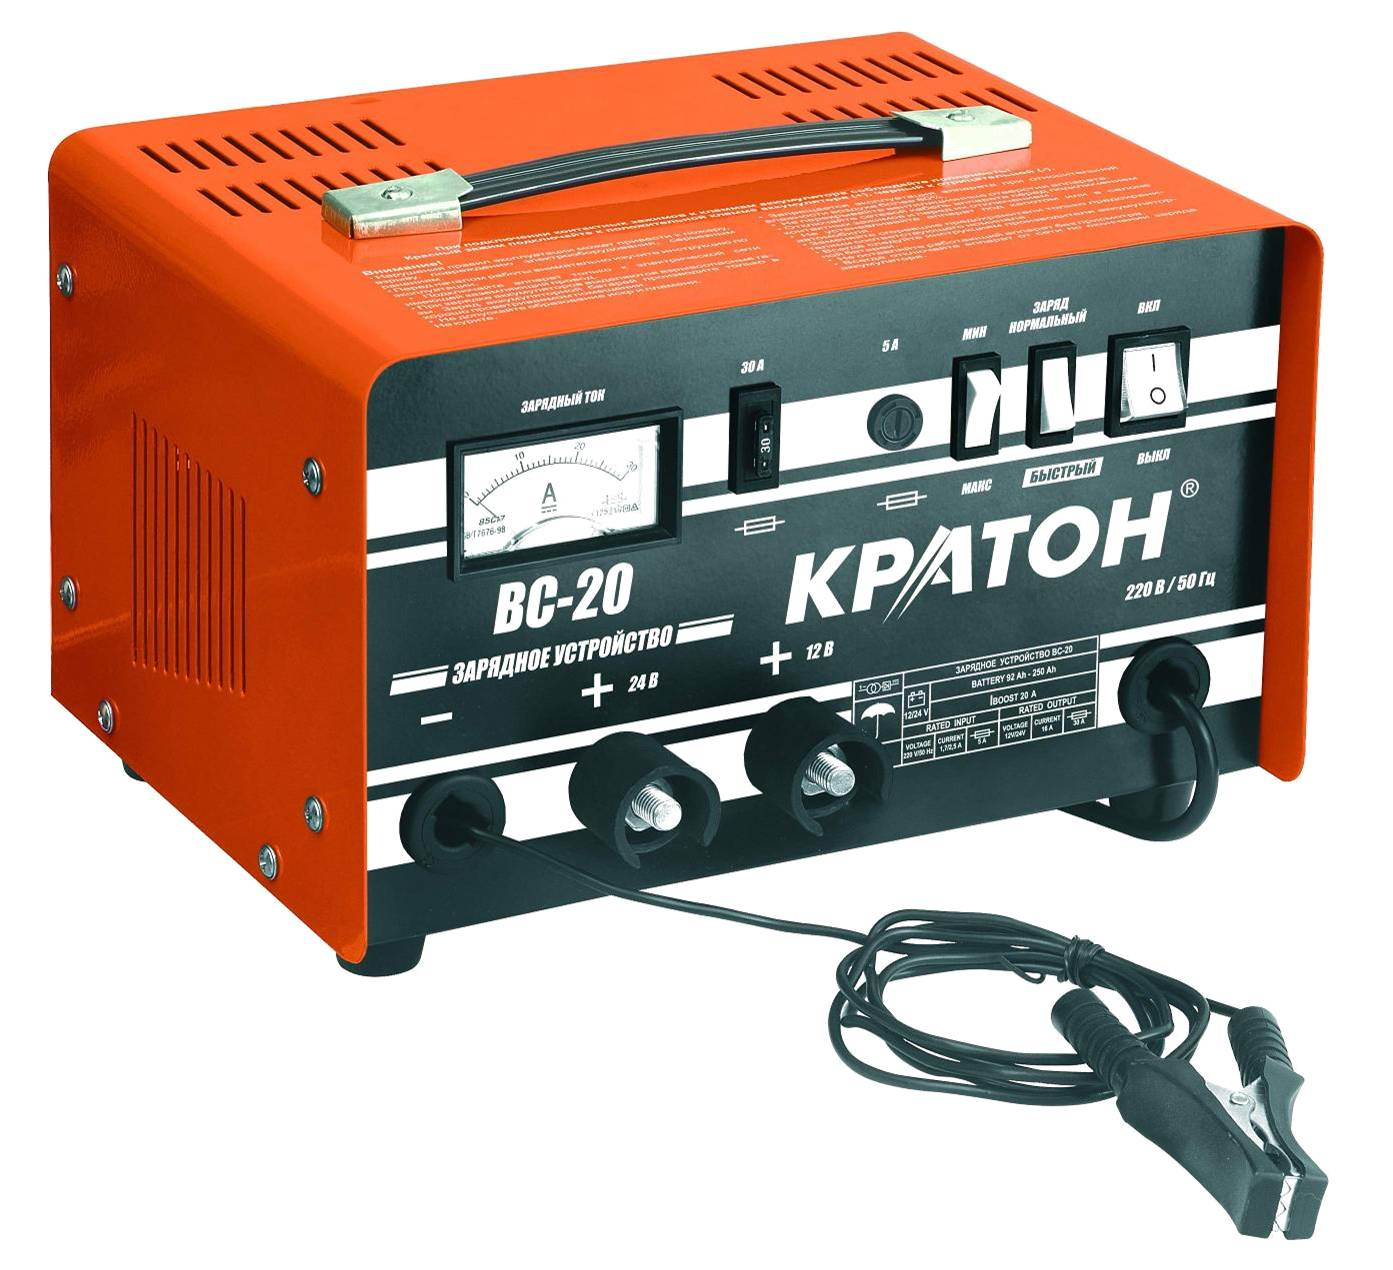 Зарядное устройство КРАТОНЗарядные и пуско-зарядные устройства<br>Максимальный ток заряда: 20,<br>Минимальный ток заряда: 20,<br>Пиковый выходной ток: 25,<br>Мощность: 520,<br>Назначение зарядного устройства: зарядное,<br>Напряжение аккумулятора: 12/24<br>